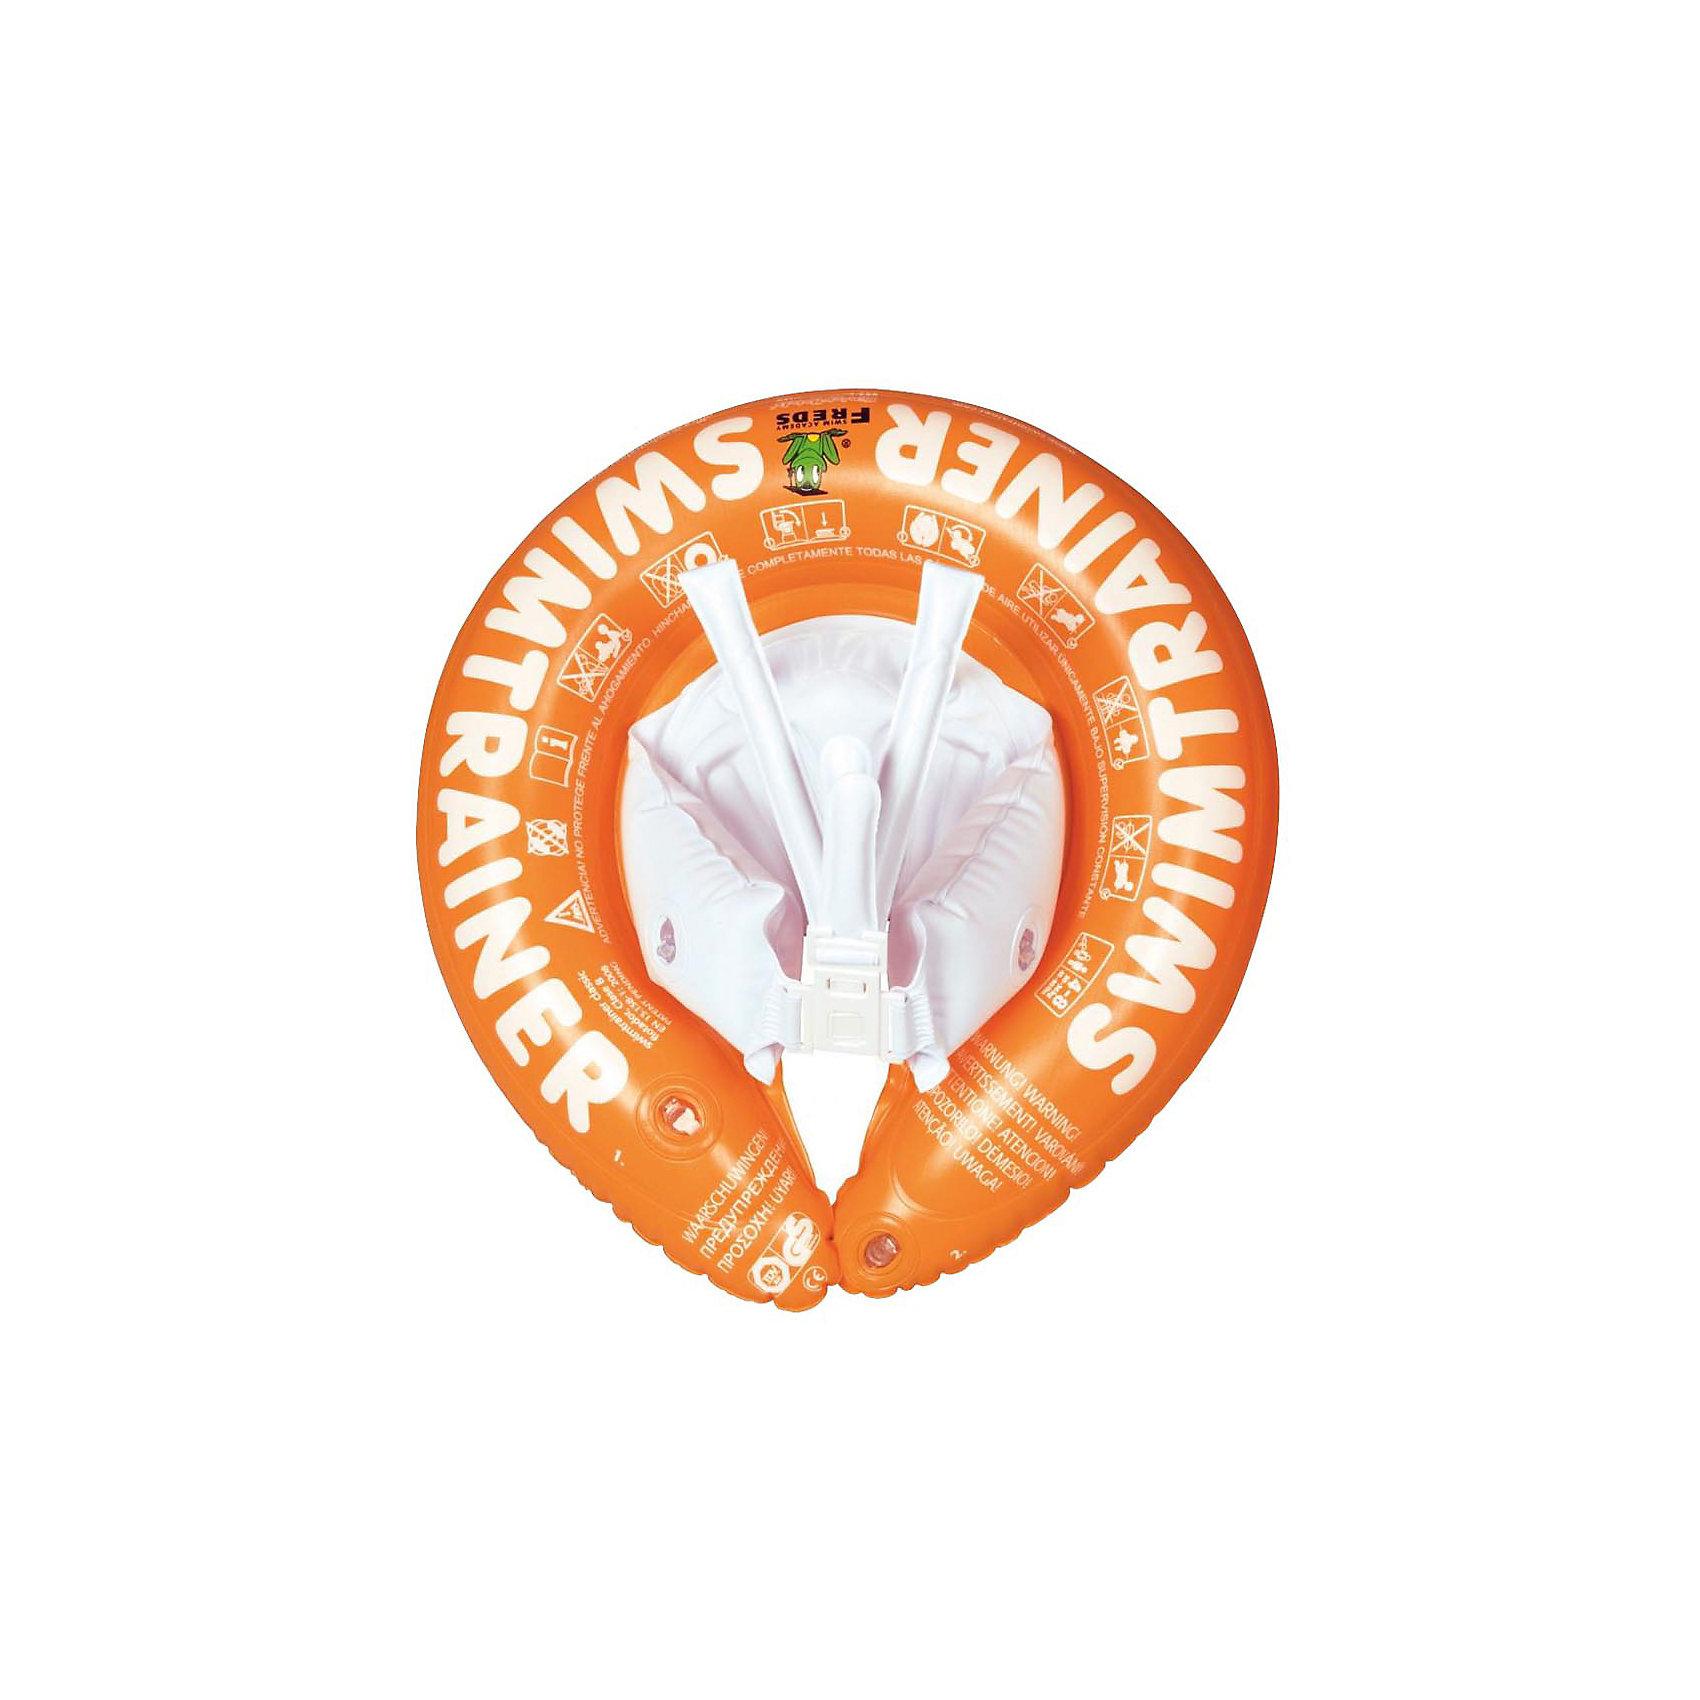 Swimtrainer Надувной круг Classic, оранжевыйКруг, который не только поддерживает на воде, но помогает учиться плавать Вашему ребенку!<br><br>Дети в возрасте примерно с 2 до 6 лет могут переходить на оранжевый надувной круг, который чуть менее плавуч, чем красный  Swimtrainer Classic (за счёт изменения объёма верхней и нижней камер), что позволяет координировать движения руками и ногами.<br><br>Особенности  круга Swimtrainer Classic:<br><br>- обеспечивает идеальную плавательную позу, избегая вертикального положения ребёнка в воде; <br>- снабжен надувными камерами, устраняющими скольжение ребёнка в круге; <br>- имеет быстрые зажимы для простоты и надёжности фиксации круга на малыше; <br>-имеет регулируемые надувные лямки, которые не дадут ребёнку чрезмерно наклоняться вперёд (хлебать воду) или перевернуться в круге. <br> <br>Дополнительная информация:<br><br>- Материал: ПВХ.<br>- Цвет: оранжевый.<br>- Круг регулируется по размеру, благодаря наличию нескольких надувных камер.<br><br>Ширина мм: 225<br>Глубина мм: 195<br>Высота мм: 40<br>Вес г: 372<br>Возраст от месяцев: 24<br>Возраст до месяцев: 72<br>Пол: Унисекс<br>Возраст: Детский<br>SKU: 3165697